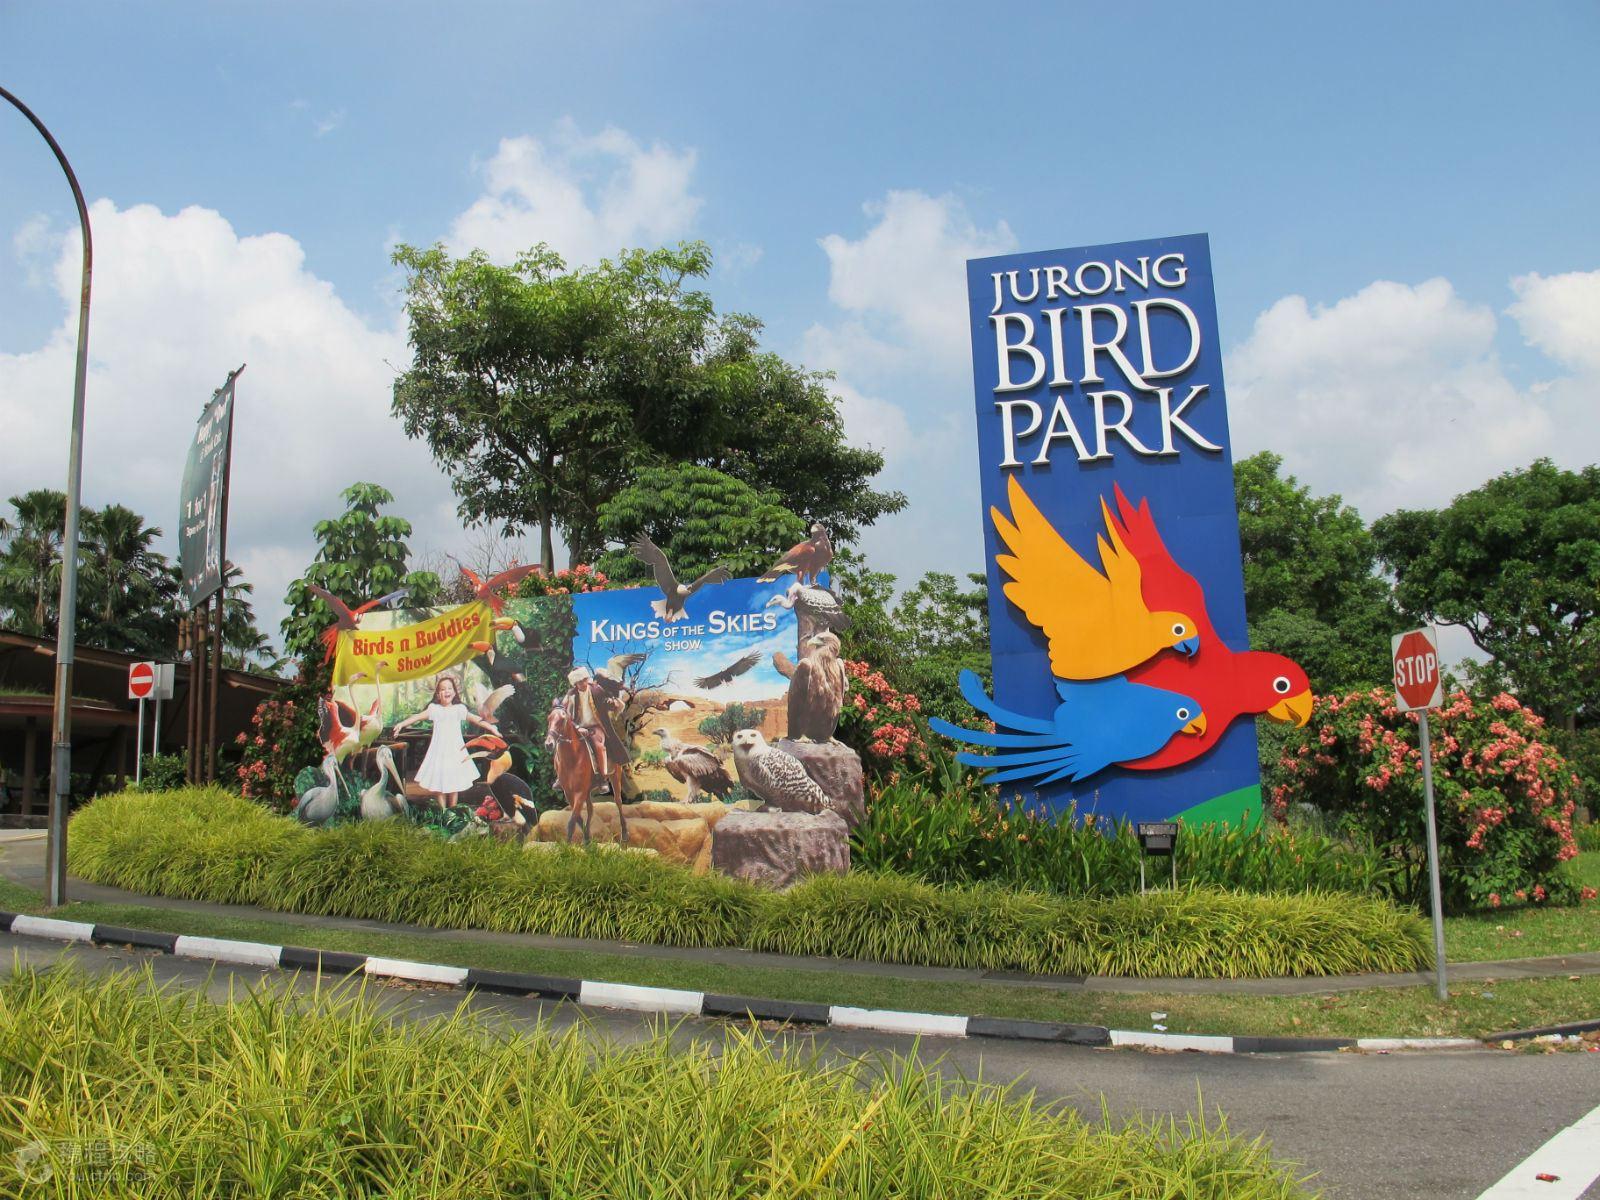 亲子大体验--行程安排新加坡日间动物园幕后导览和裕廊飞禽公园